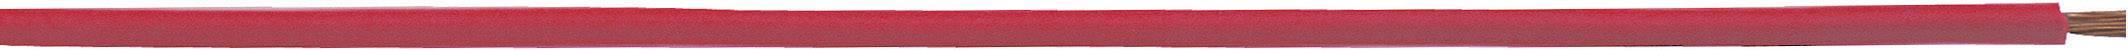 Opletenie / lanko LappKabel 4510083 H05V-K, 1 x 1 mm², vonkajší Ø 2.60 mm, 100 m, ružová